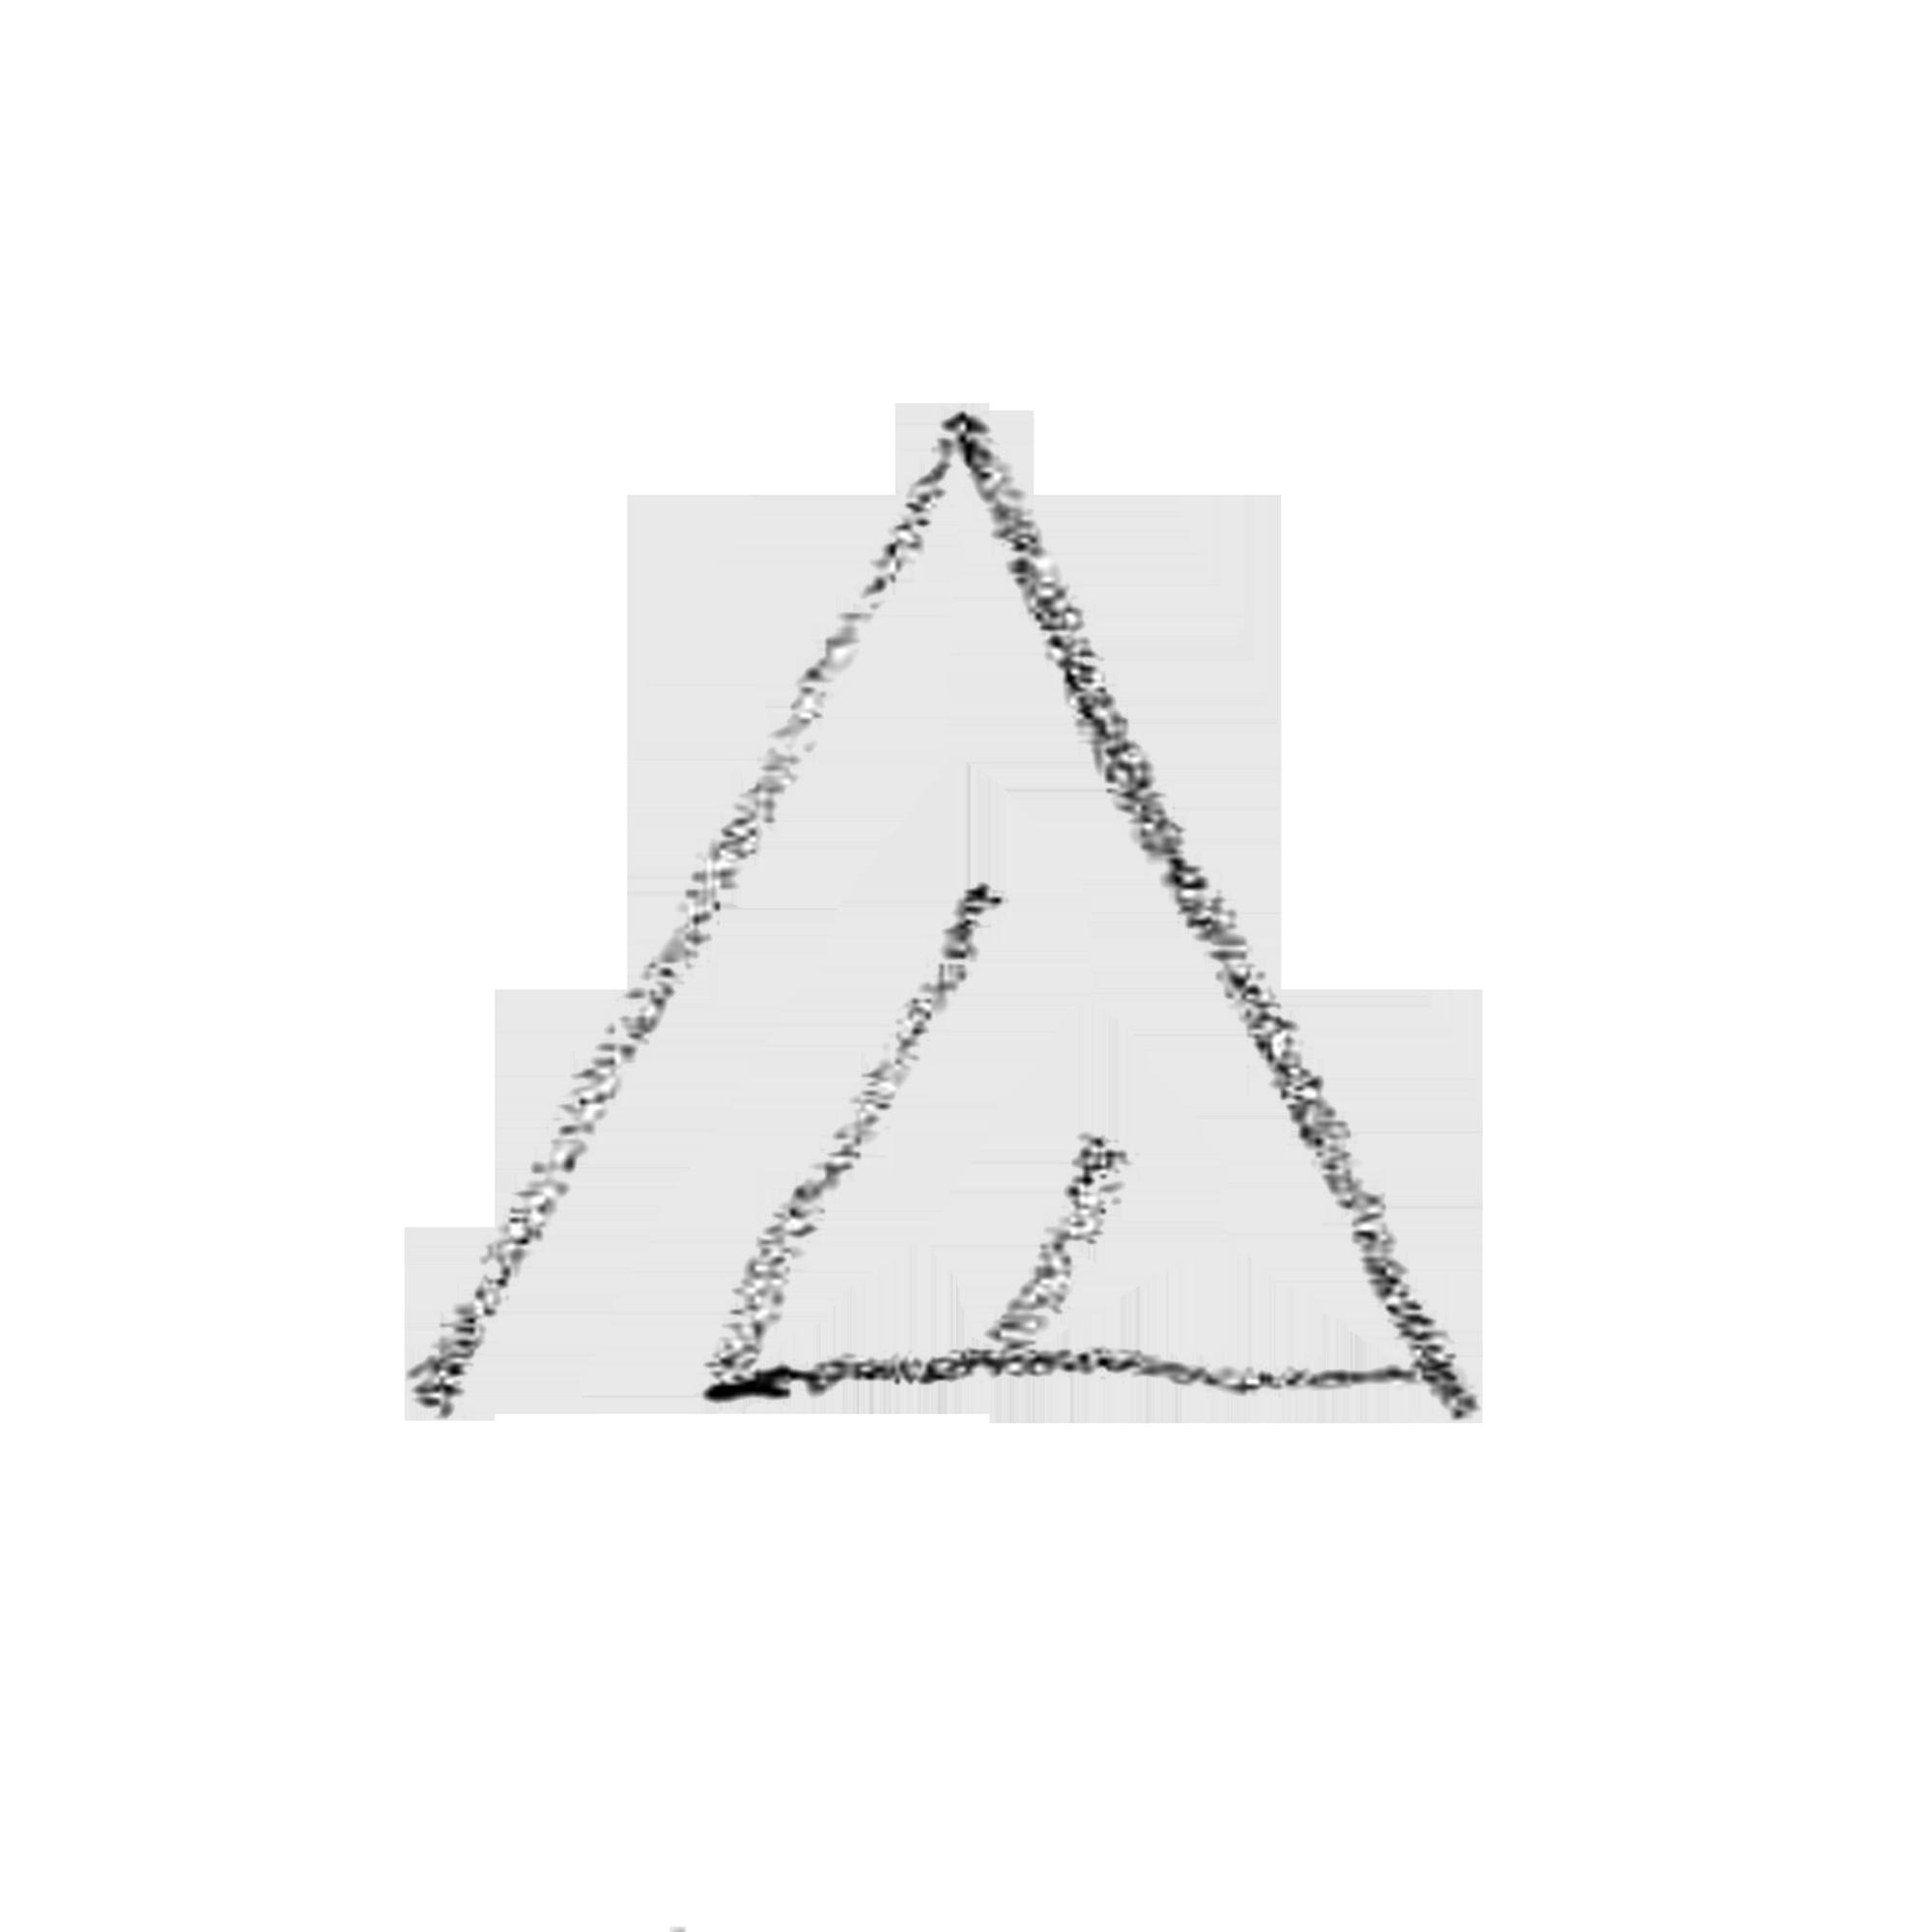 d-00.02-portfolio-alporium-brand-sketches-1